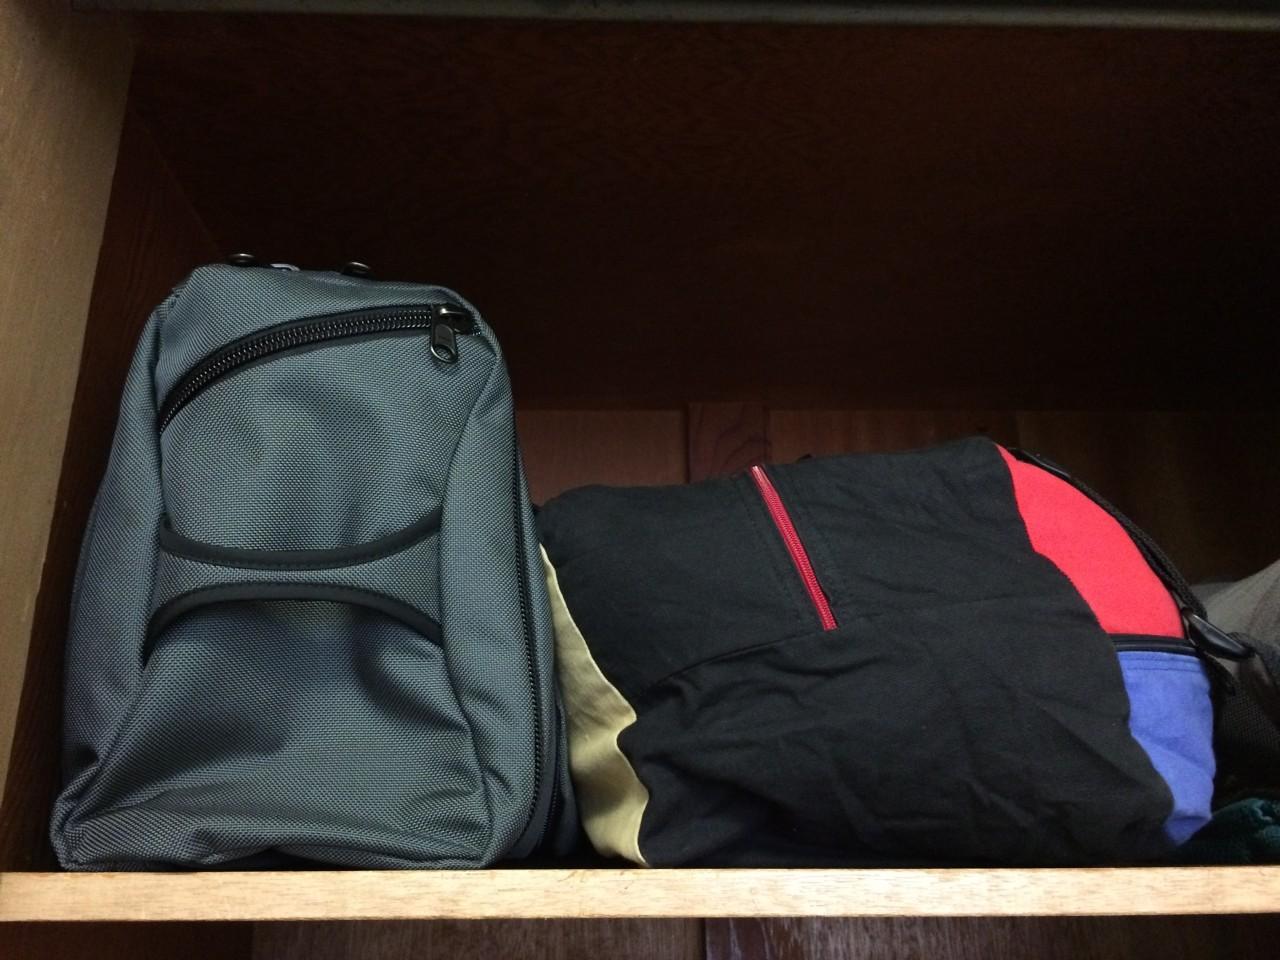 Duffel bags overhead bin comparison